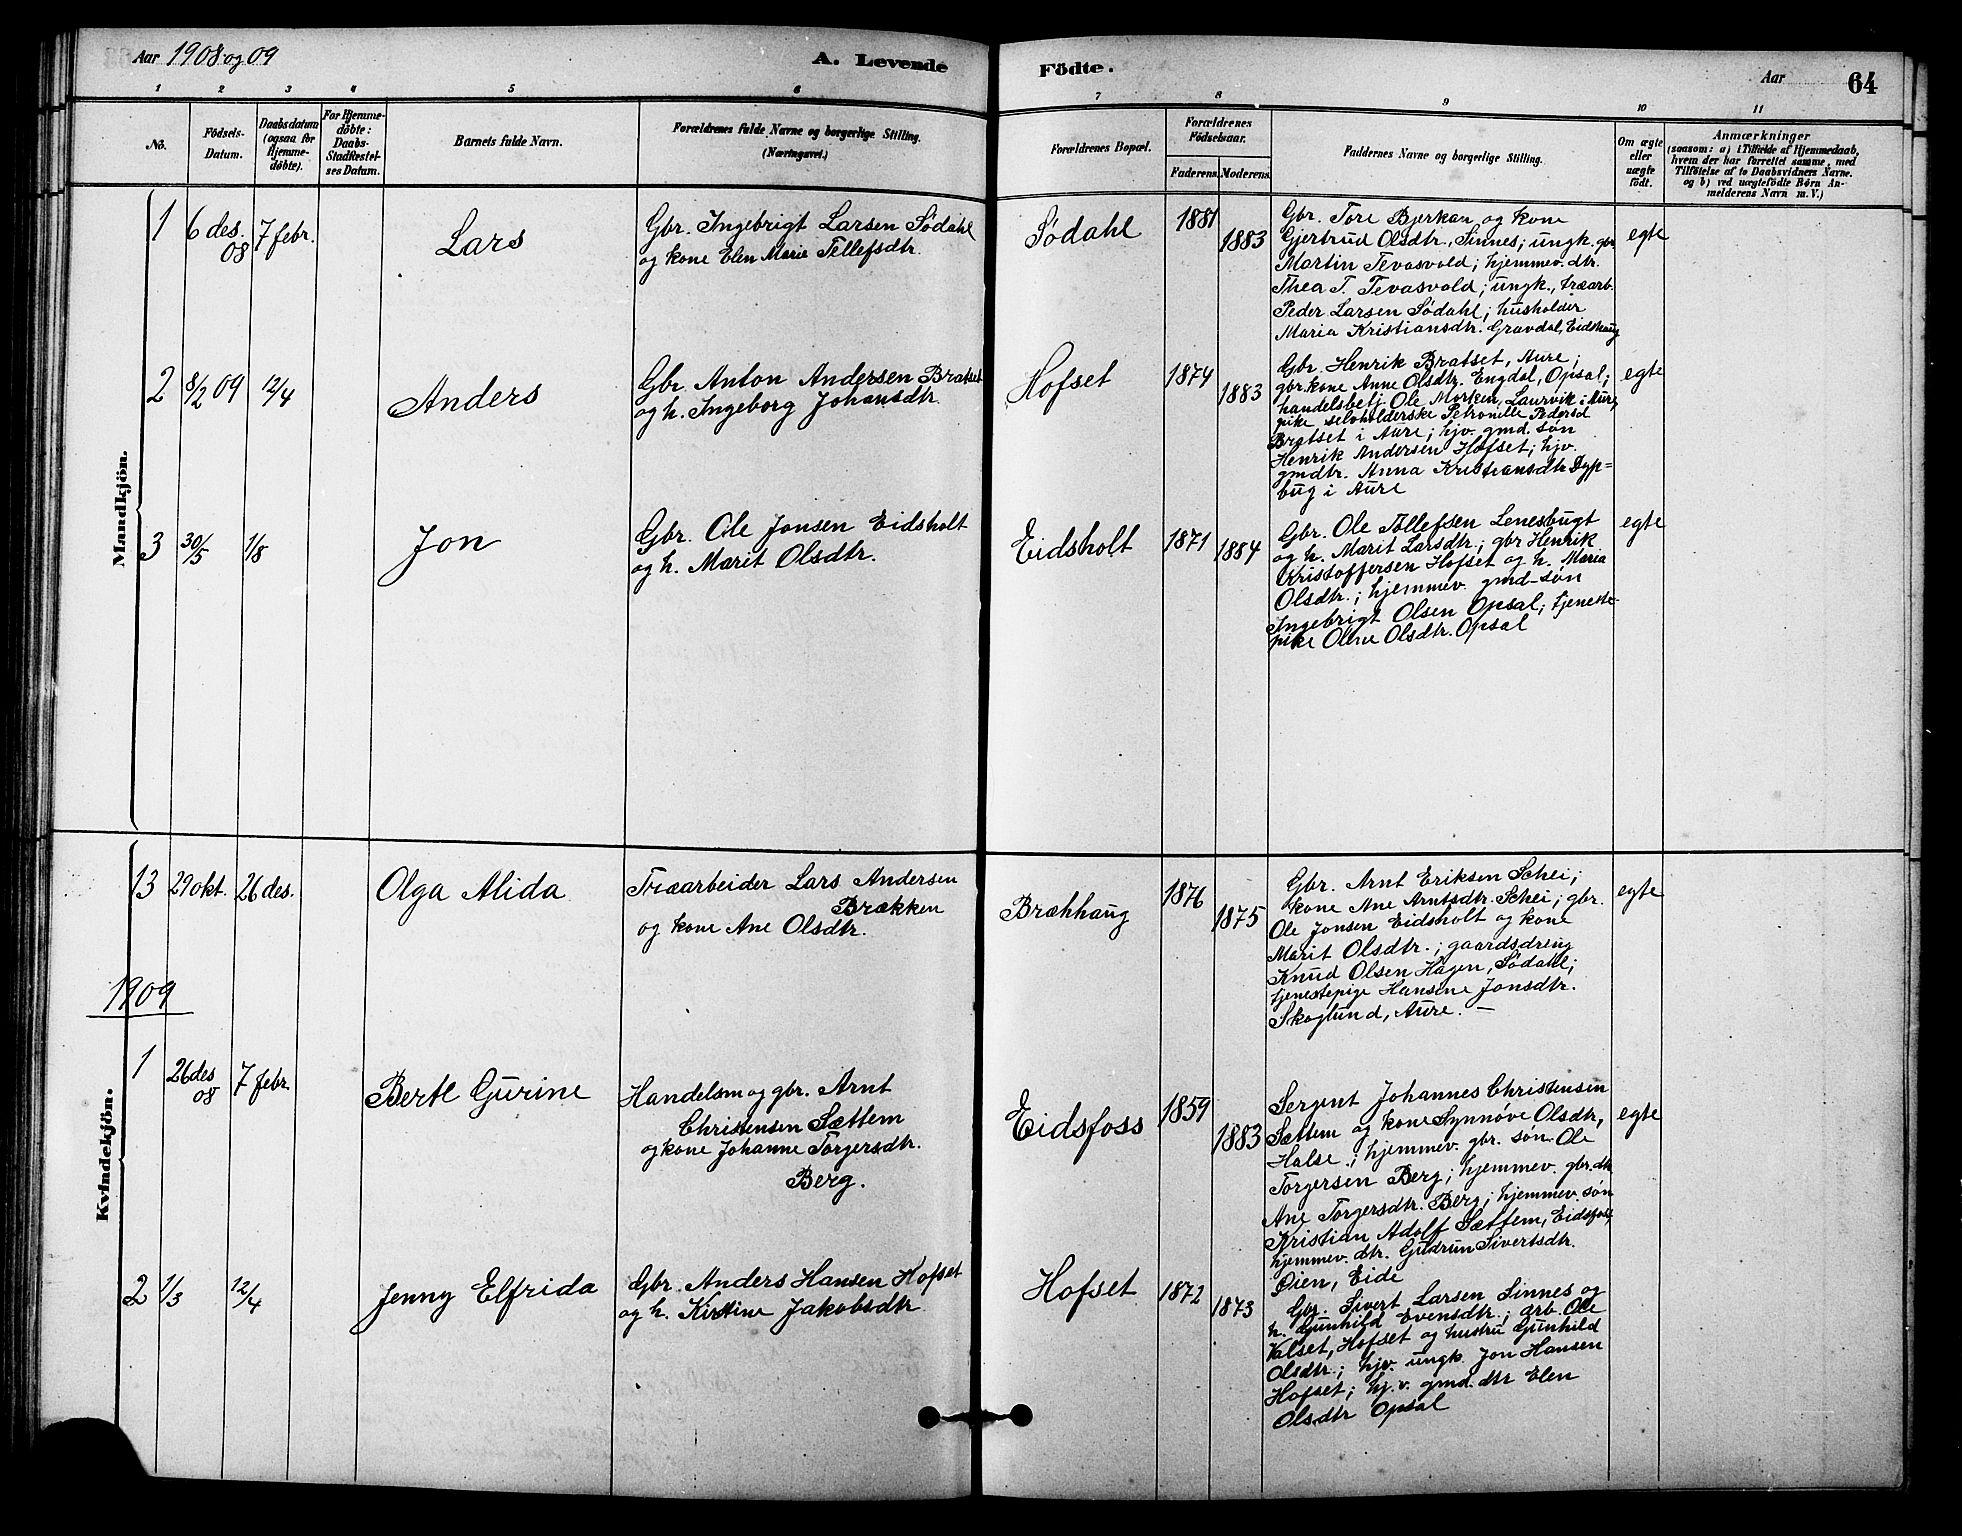 SAT, Ministerialprotokoller, klokkerbøker og fødselsregistre - Sør-Trøndelag, 631/L0514: Klokkerbok nr. 631C02, 1879-1912, s. 64